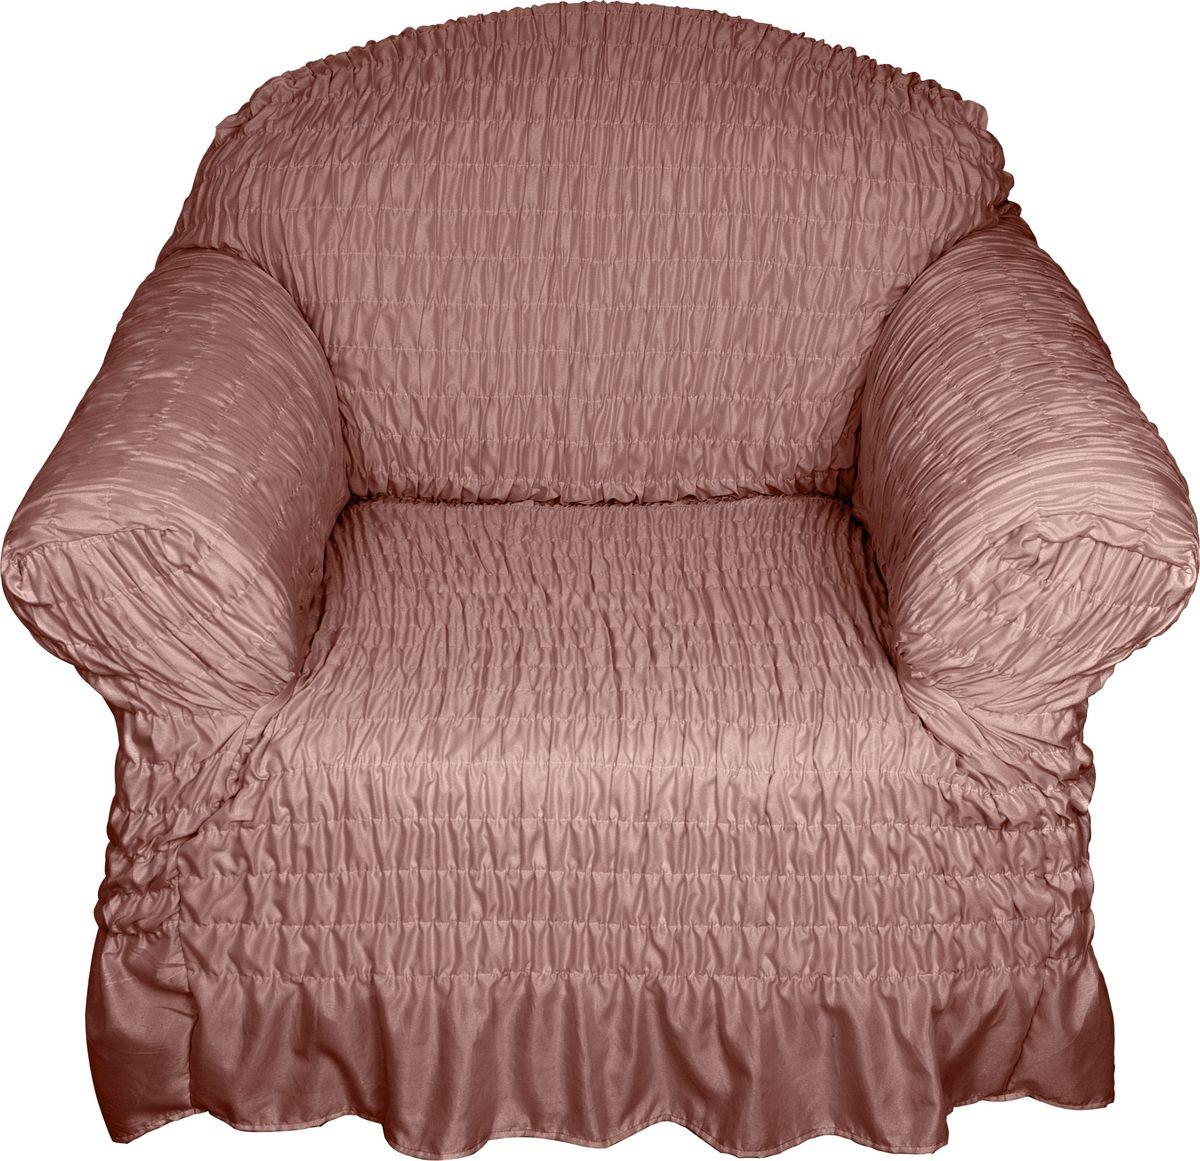 """Чехол на кресло Медежда """"Дэйзи""""состоит из двух слоев: один слой микрофибра, второй слой -  трикотаж. Одновременно воздушный и плотный, чехол не просвечивает, не сползает даже со  скользких кожаных диванов. Чехол """"Дэйзи"""" создаст новый стиль в вашем доме, добавит шарм и индивидуальность."""